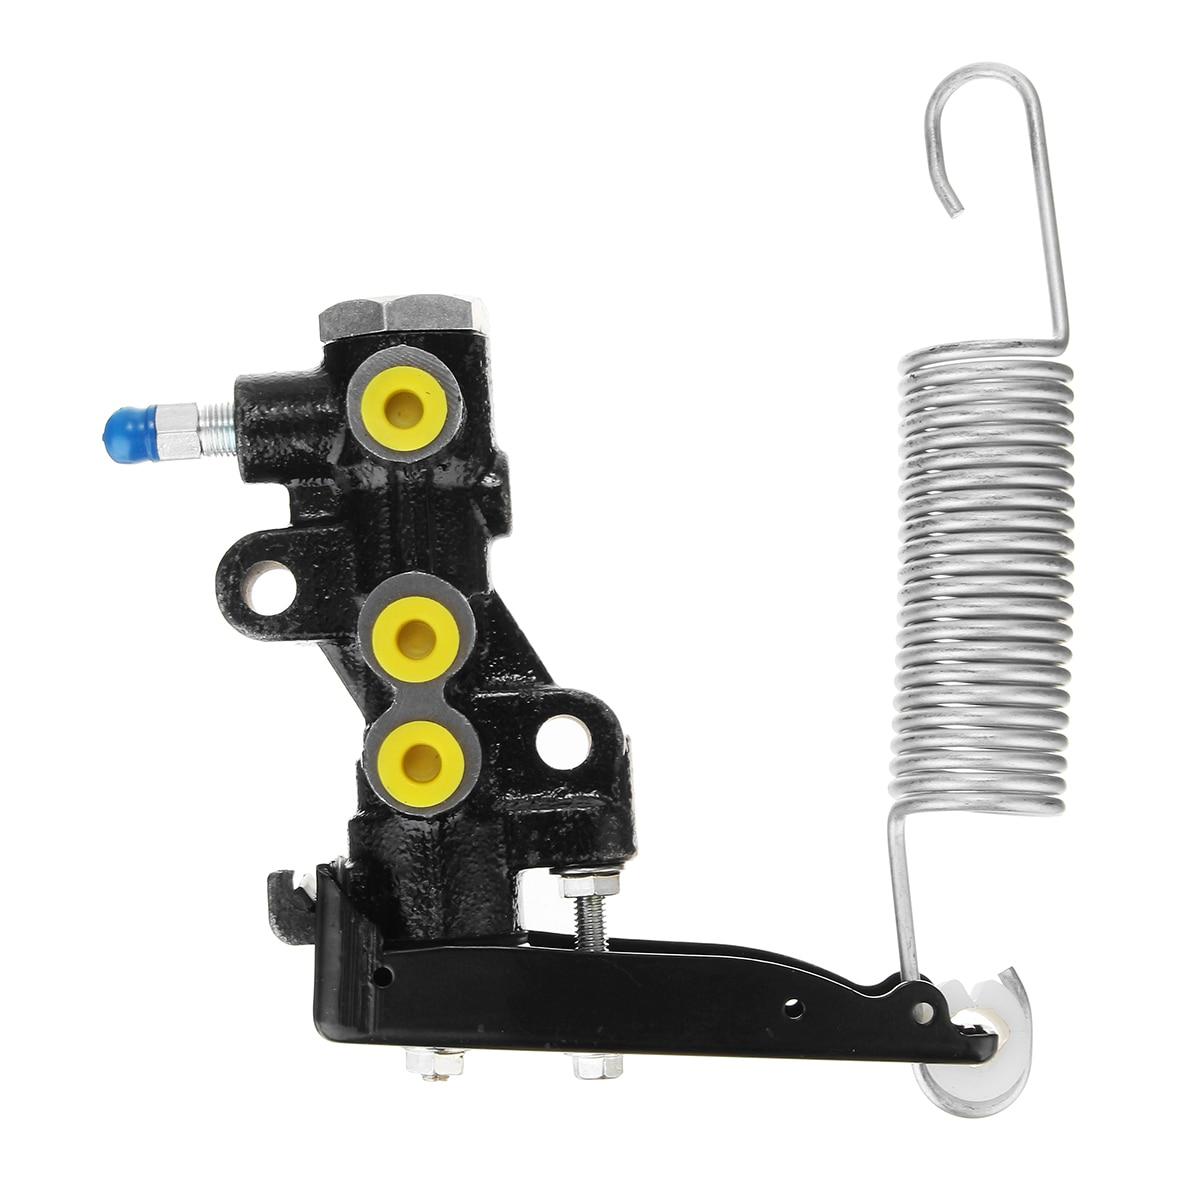 Sensor De Carga Da Válvula de freio MB618321 Compensador para Mitsubishi L200 K74T K34T 4D56 1998-2006